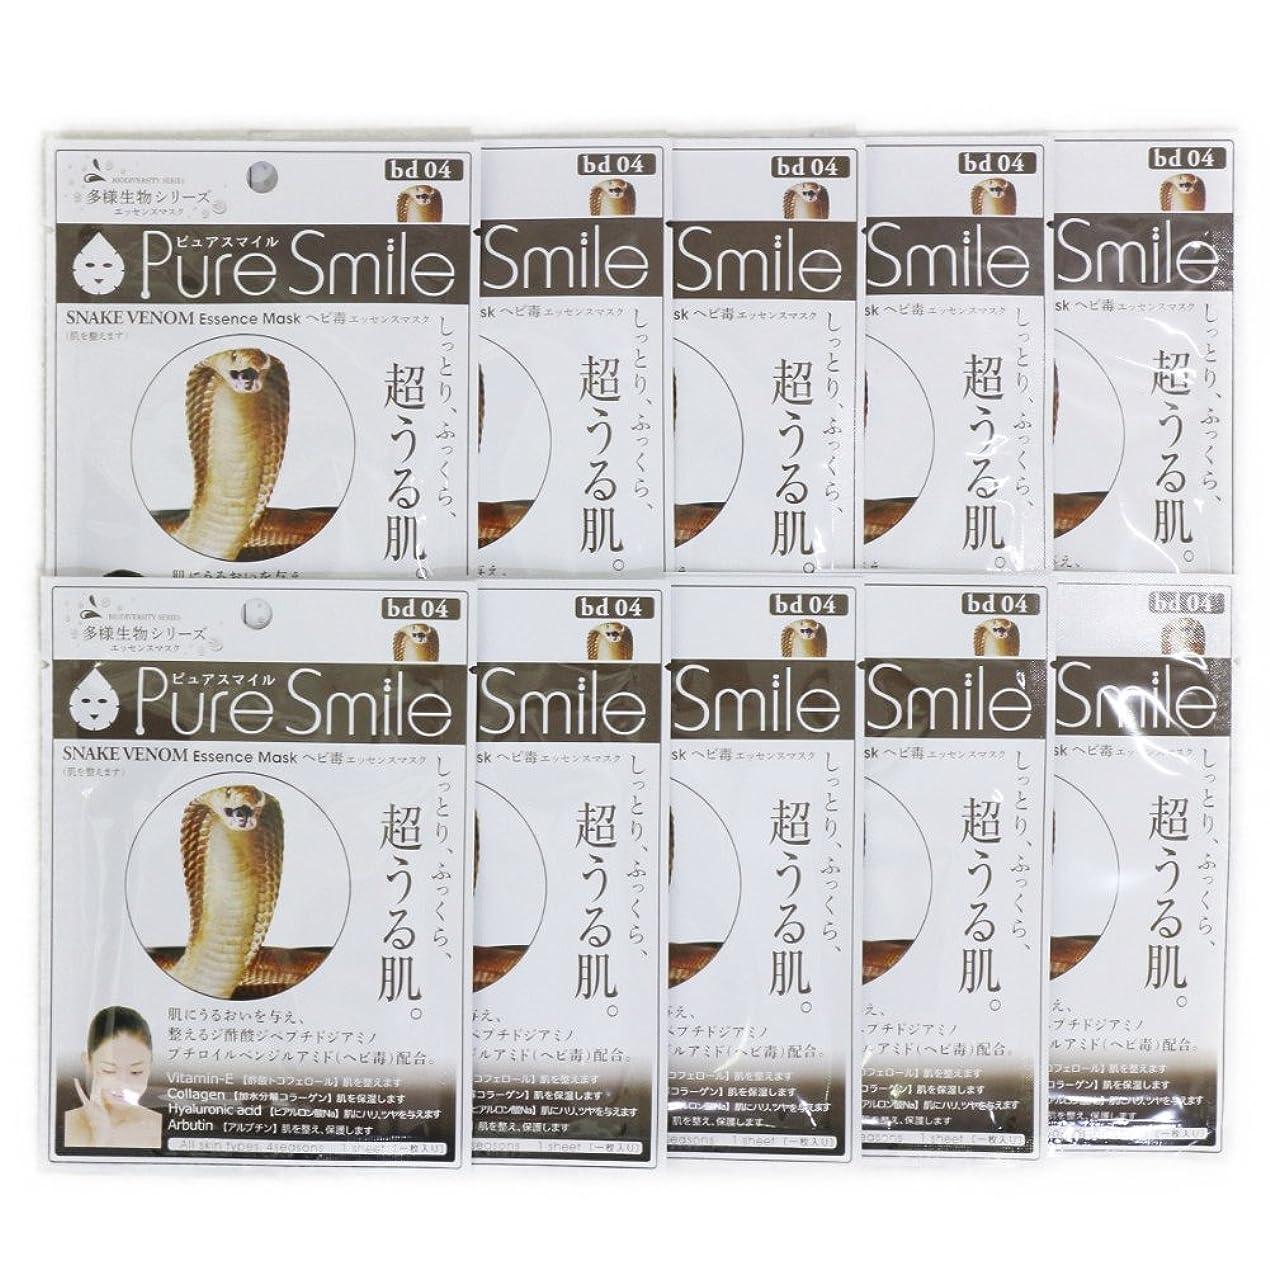 好みクレア現代Pure Smile ピュアスマイル 多様生物エッセンスマスク ヘビ毒 10枚セット